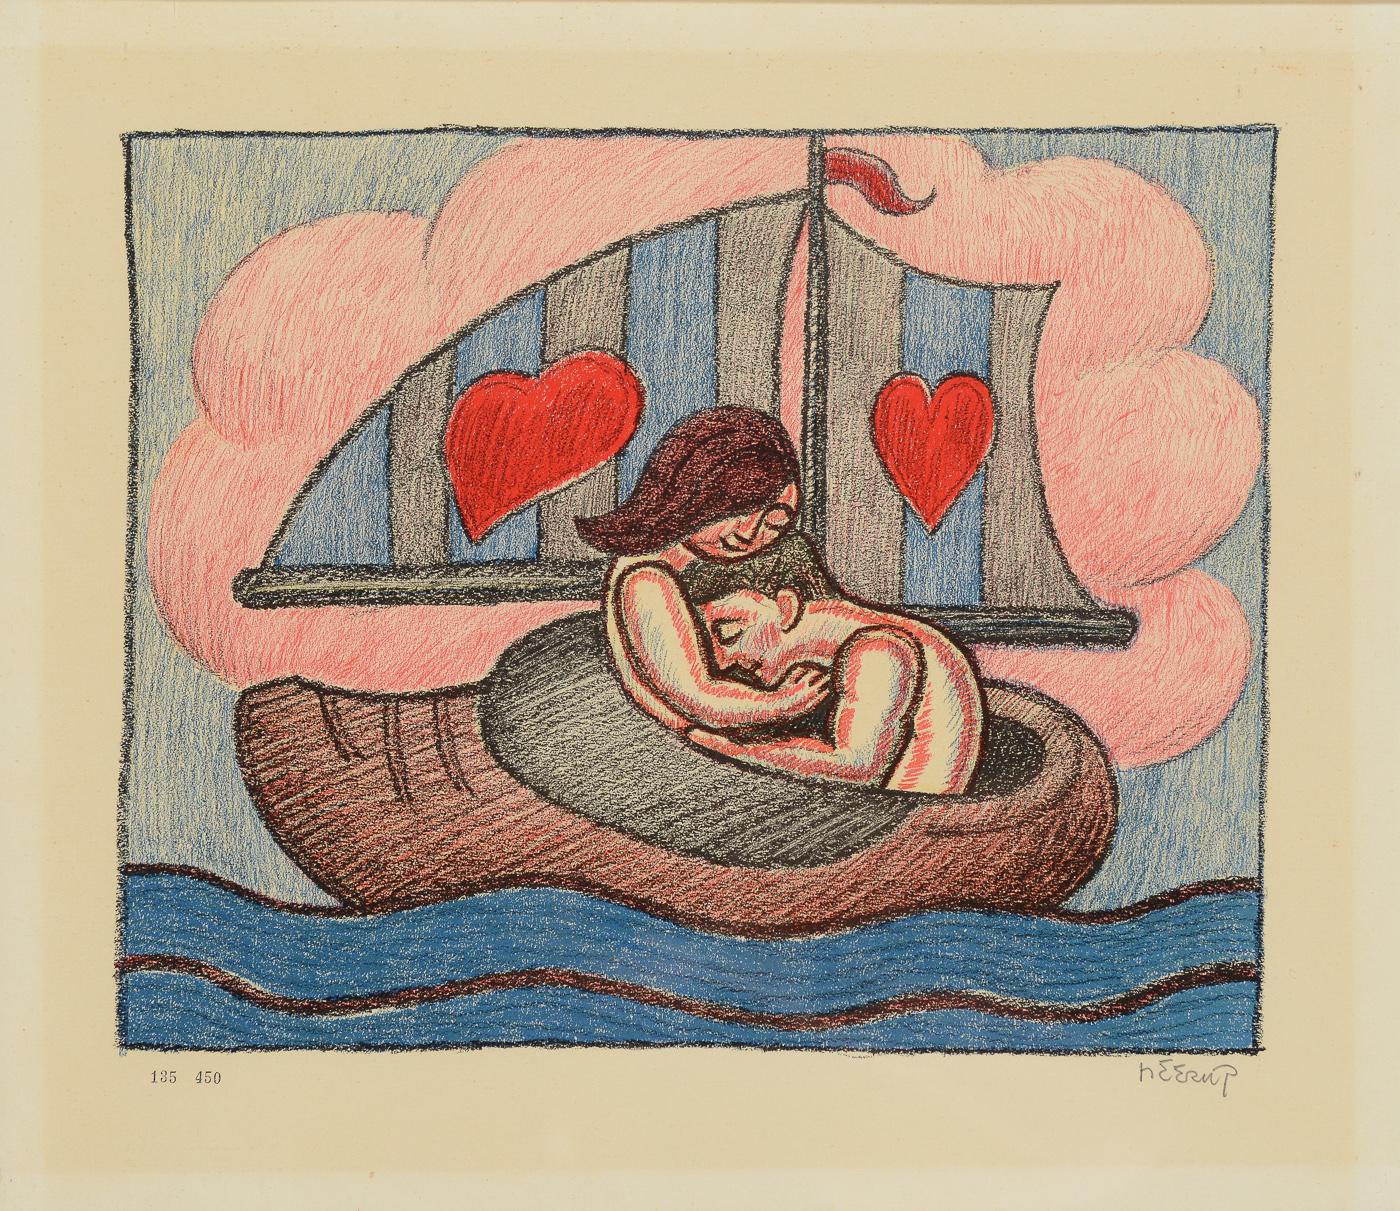 Henry Heerup cd. Litografi - Henry Heerup 1907-1993. Kvinde og mand i træskobåd, nr. 135-450. Sign. Heerup. 42 x 48 cm (46 x 53)